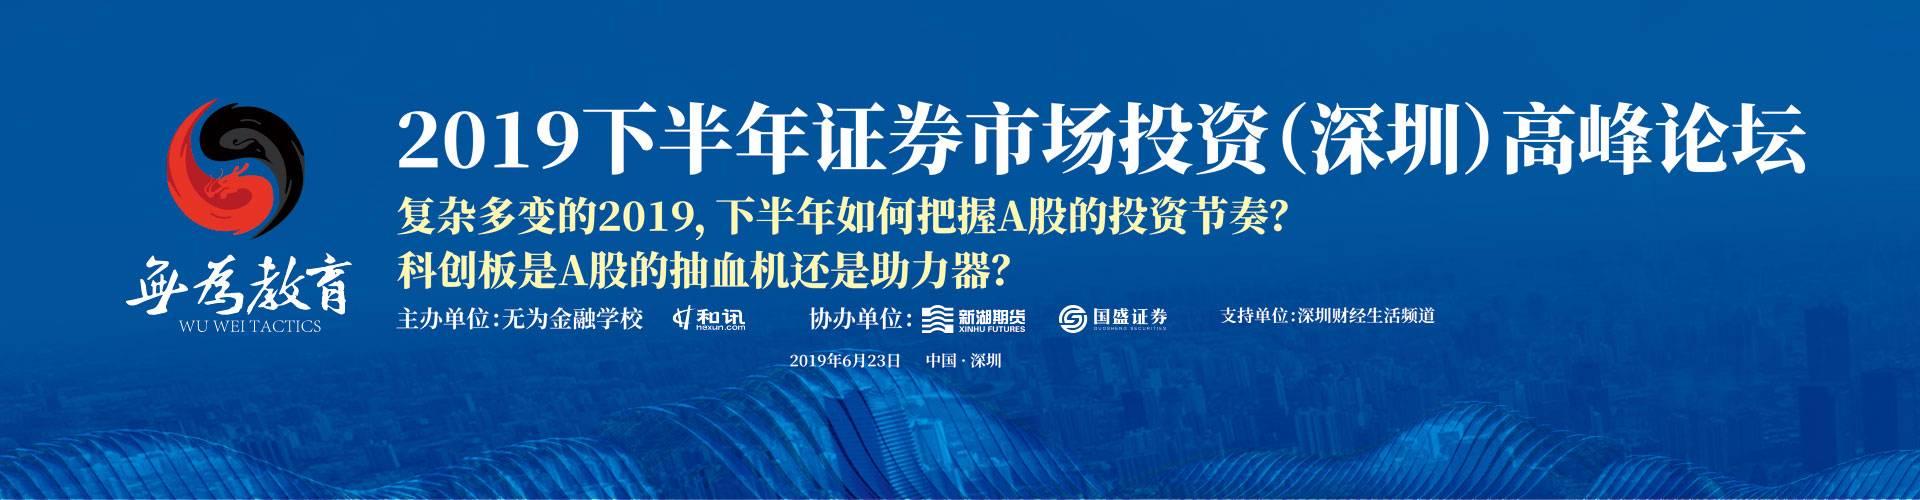 2019下半年证券市场投资(深圳)高峰论坛